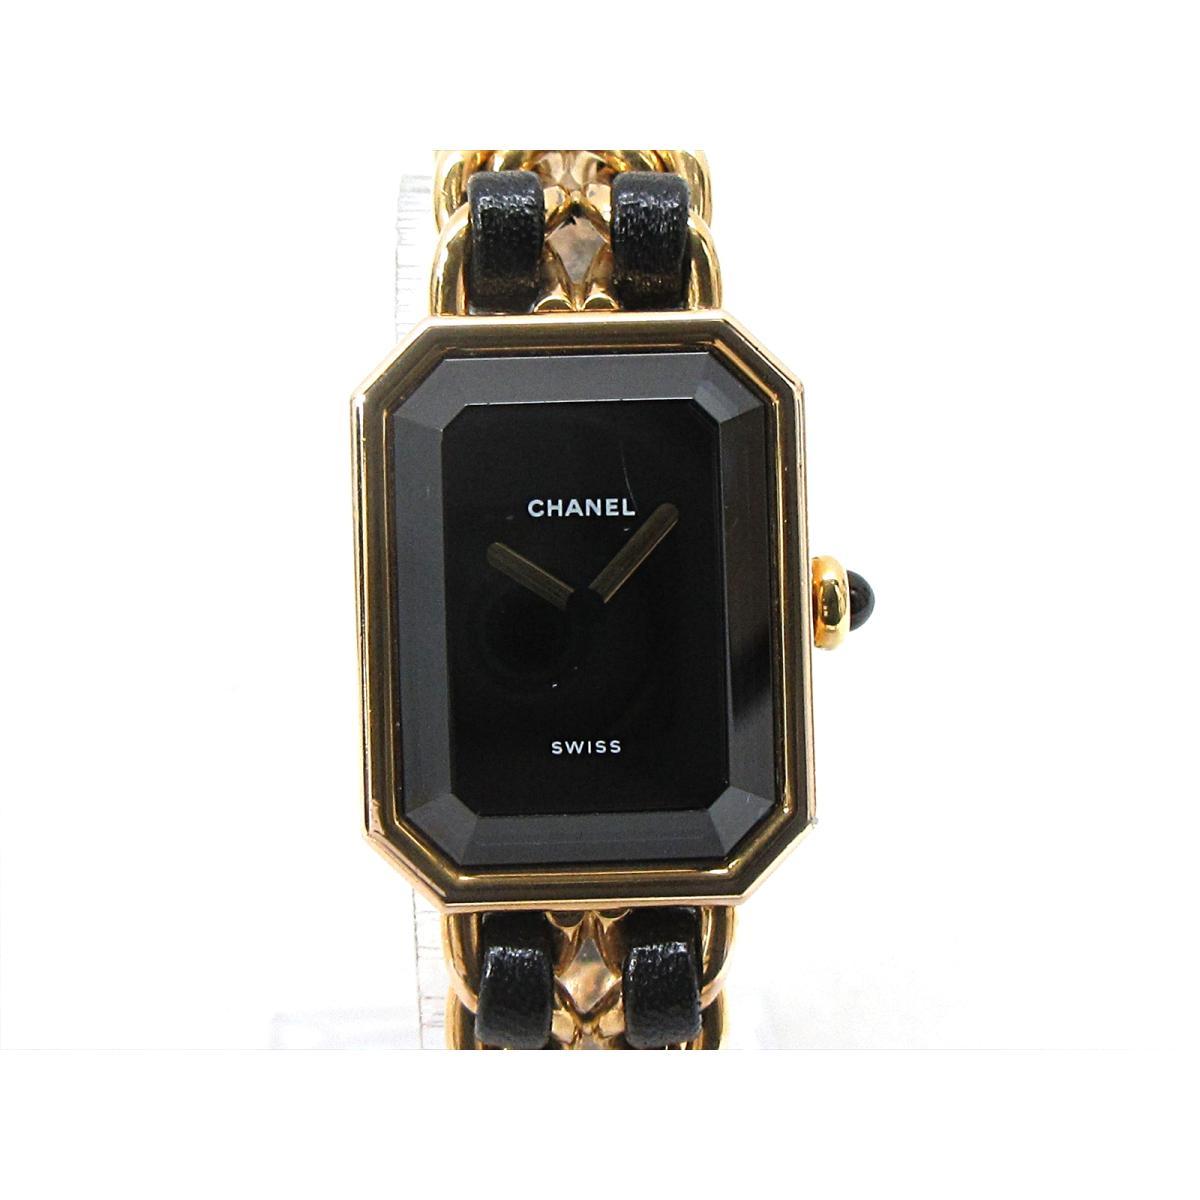 【中古】 シャネル プルミエールL 腕時計 ウォッチ レディース GP x レザーベルト (H0001) | CHANEL クオーツ 時計 プルミエールL 美品 ブランドオフ